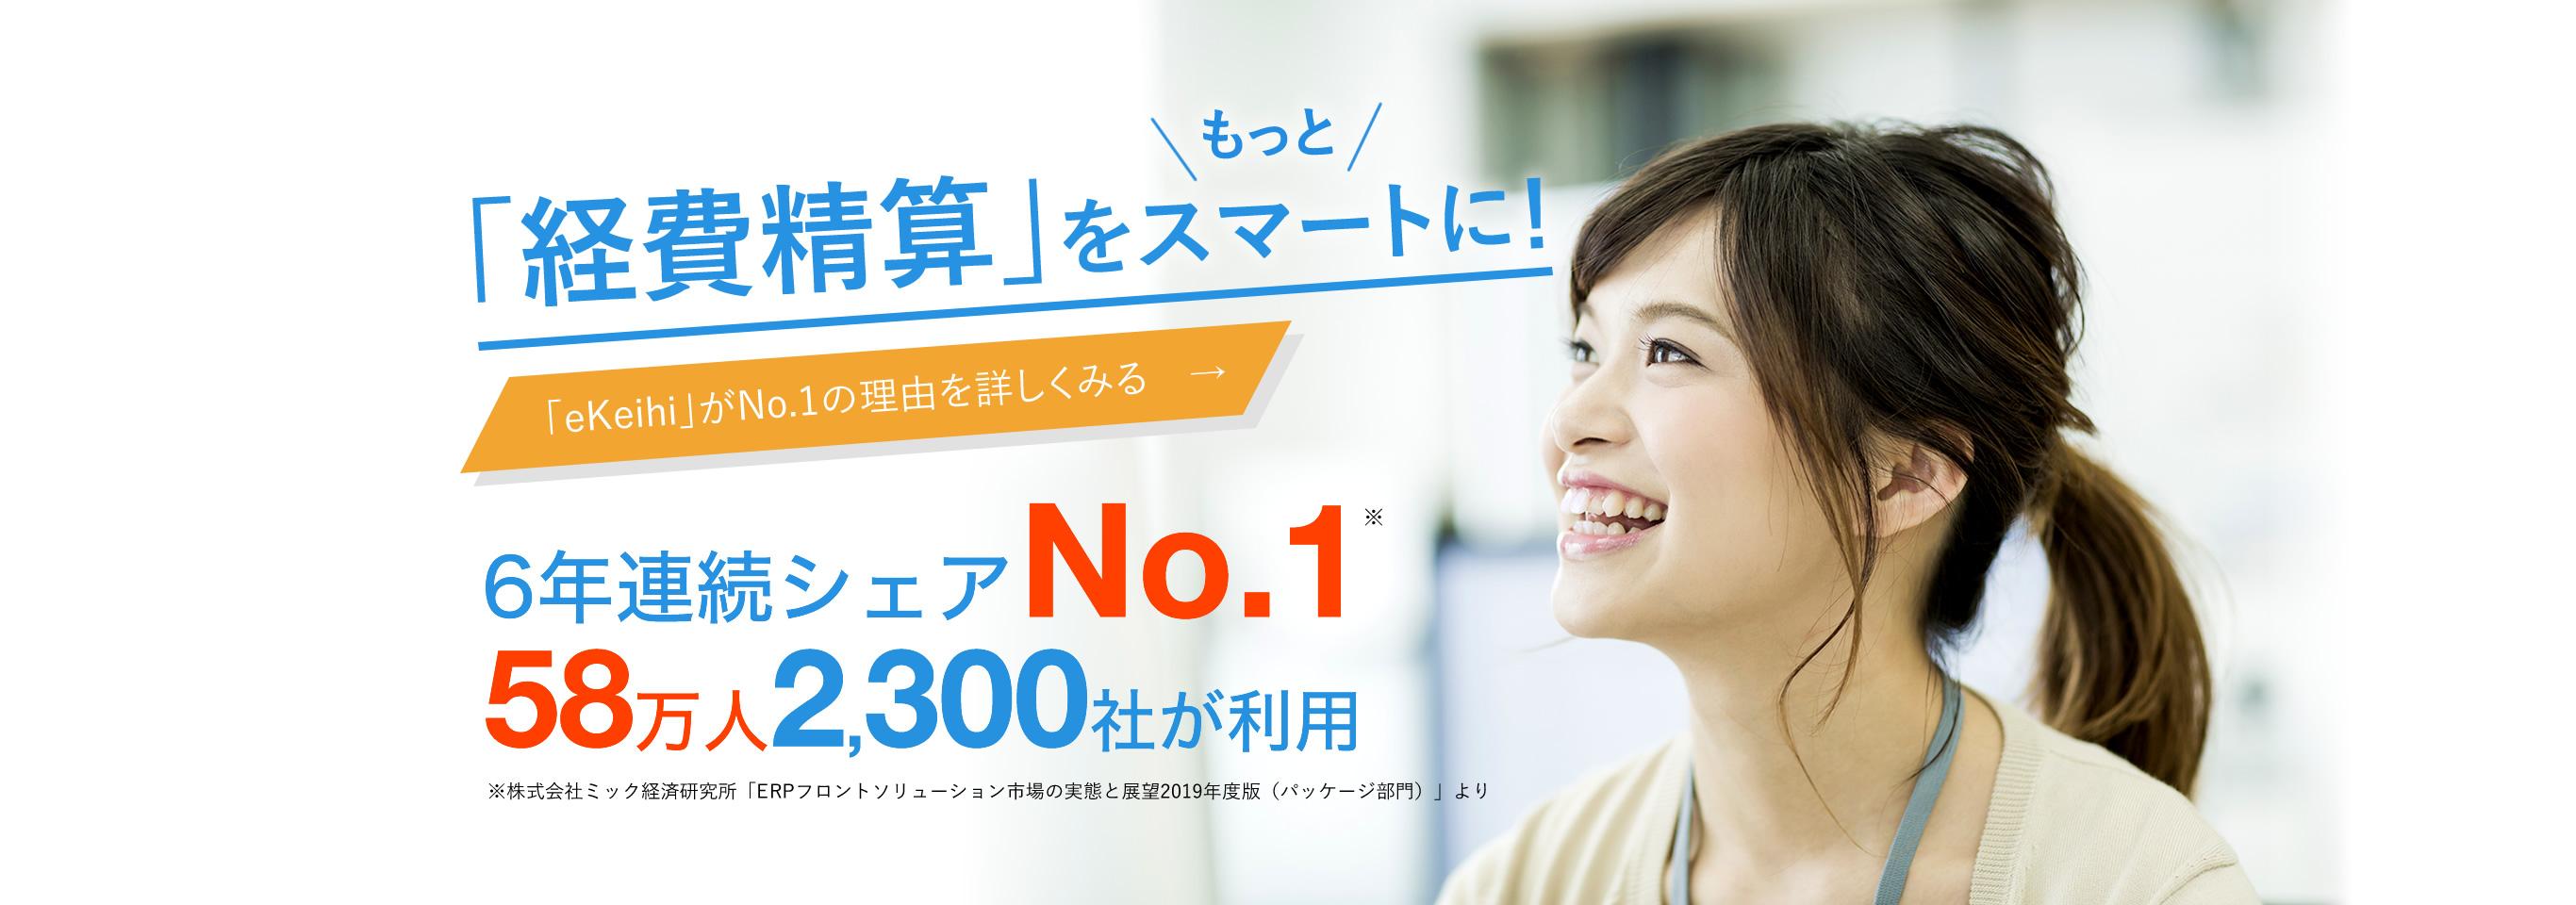 「経費精算」をもっとスマートに!「eKeihi」がNo.1の理由を詳しくみる